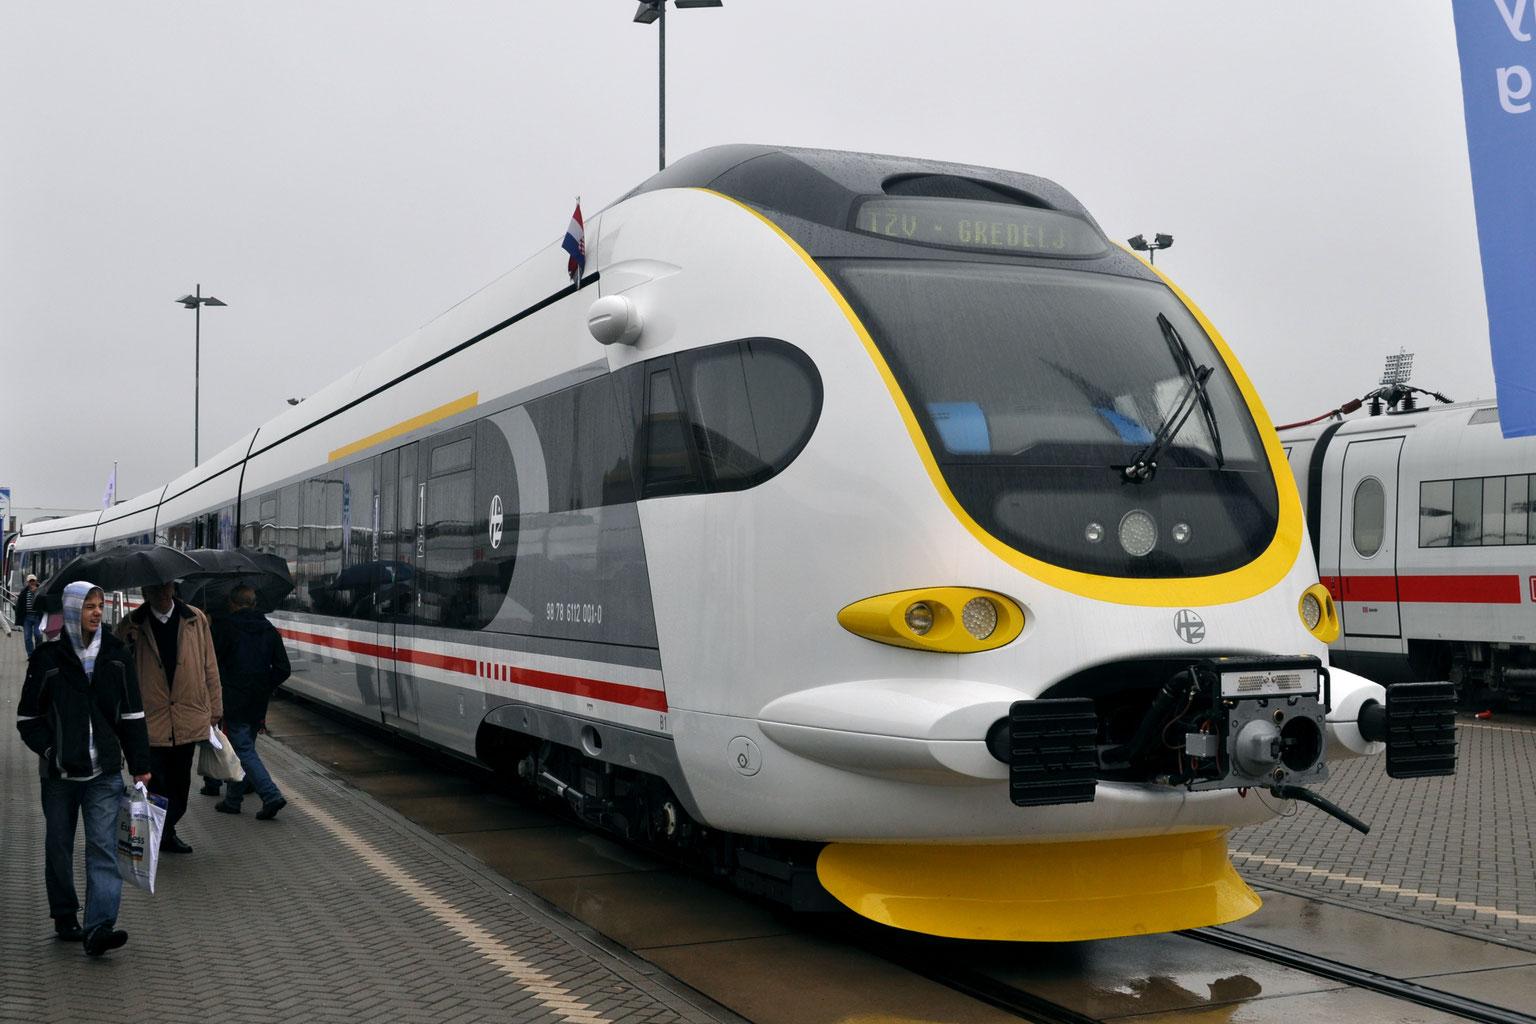 Железнодорожники Хорватии работают над увеличением скорости передвижения составов